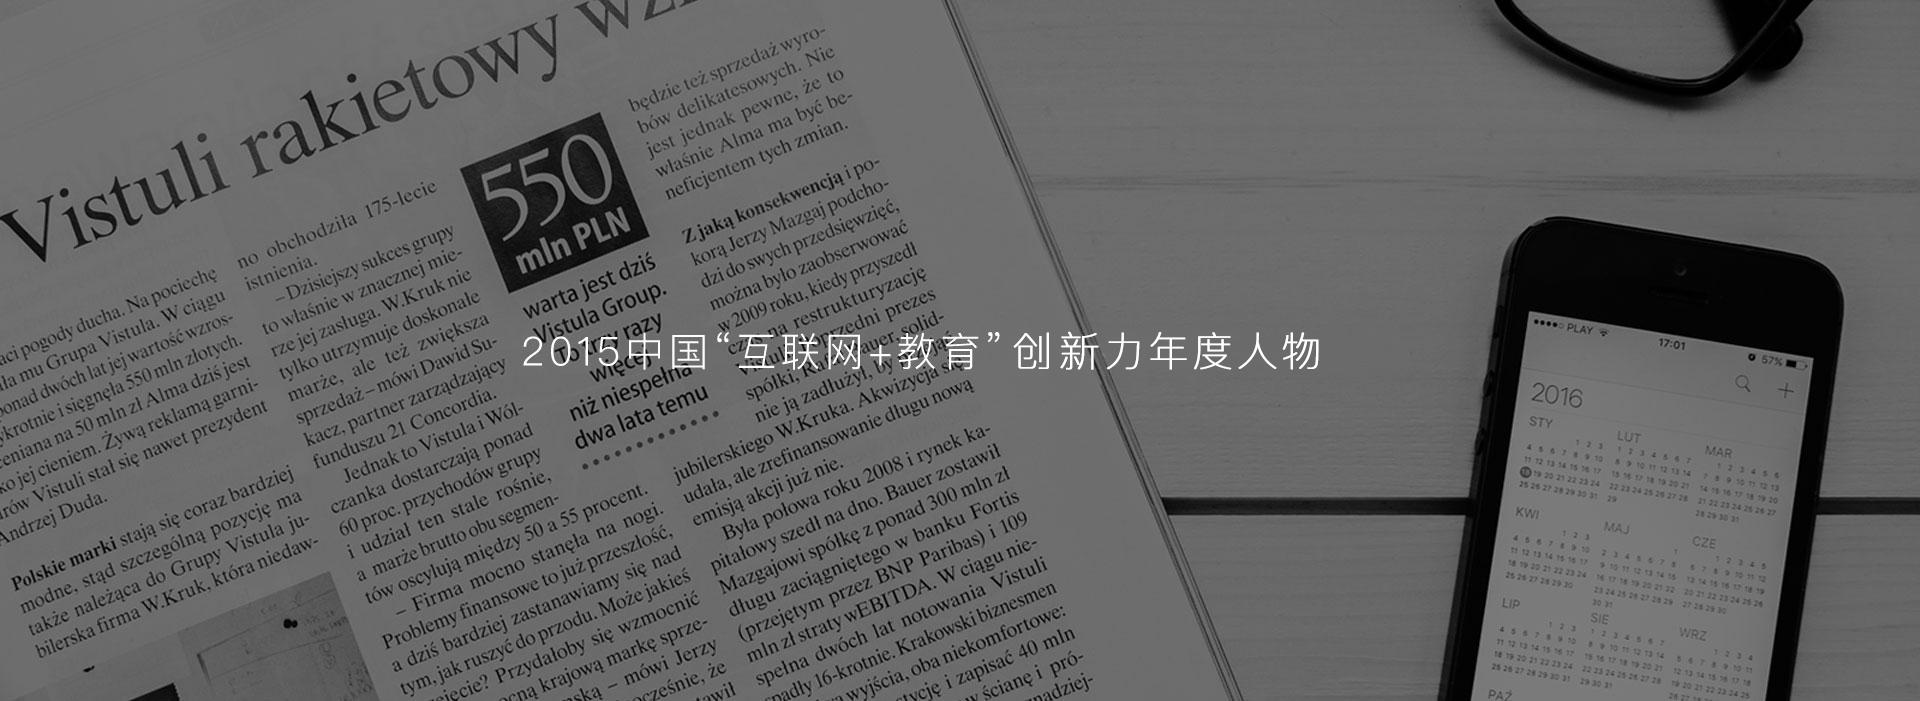 乐天堂官方网站科技集团